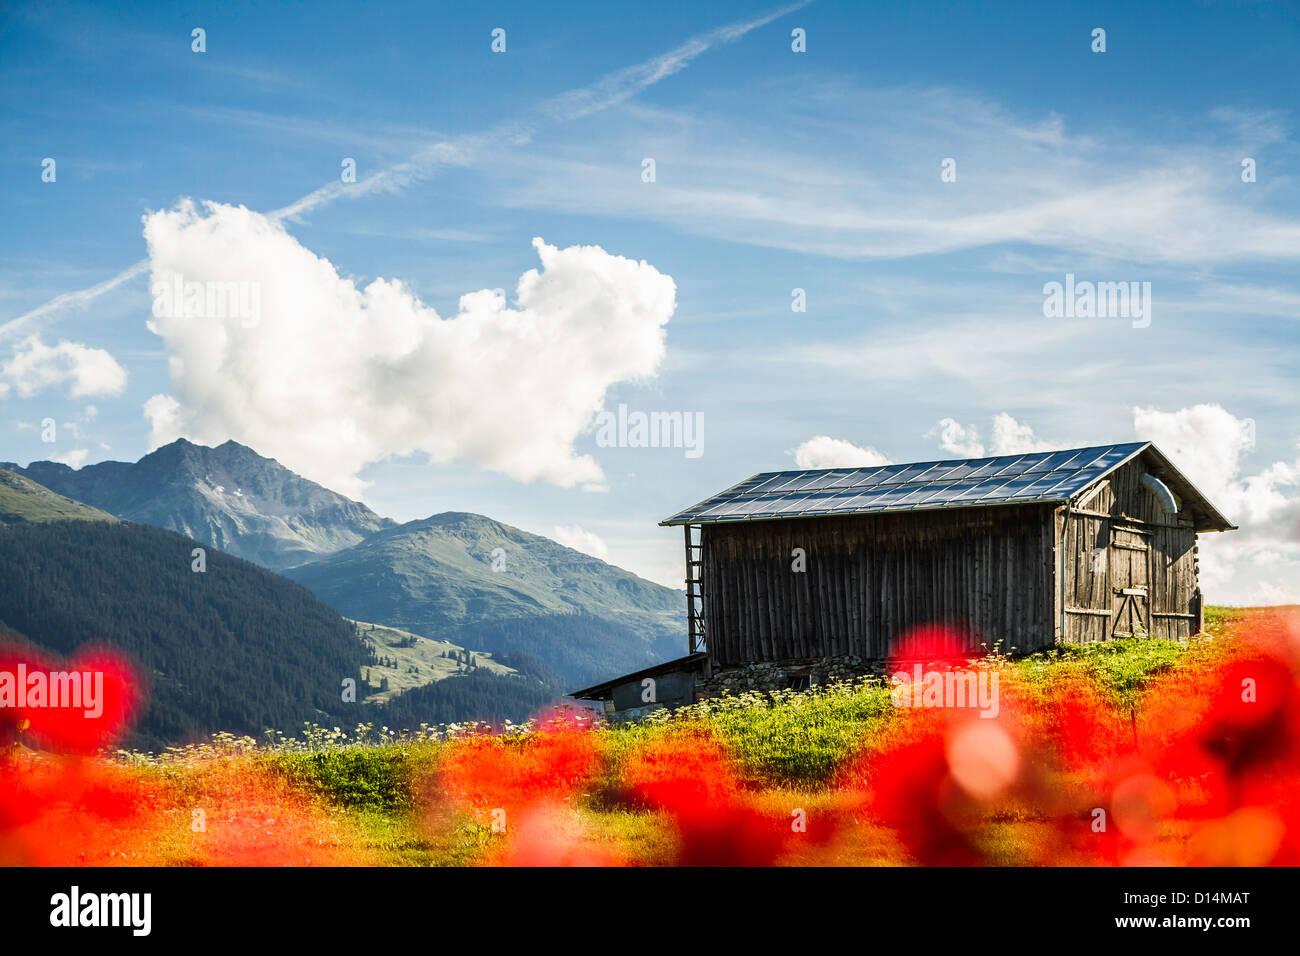 Log cabin in rural landscape - Stock Image